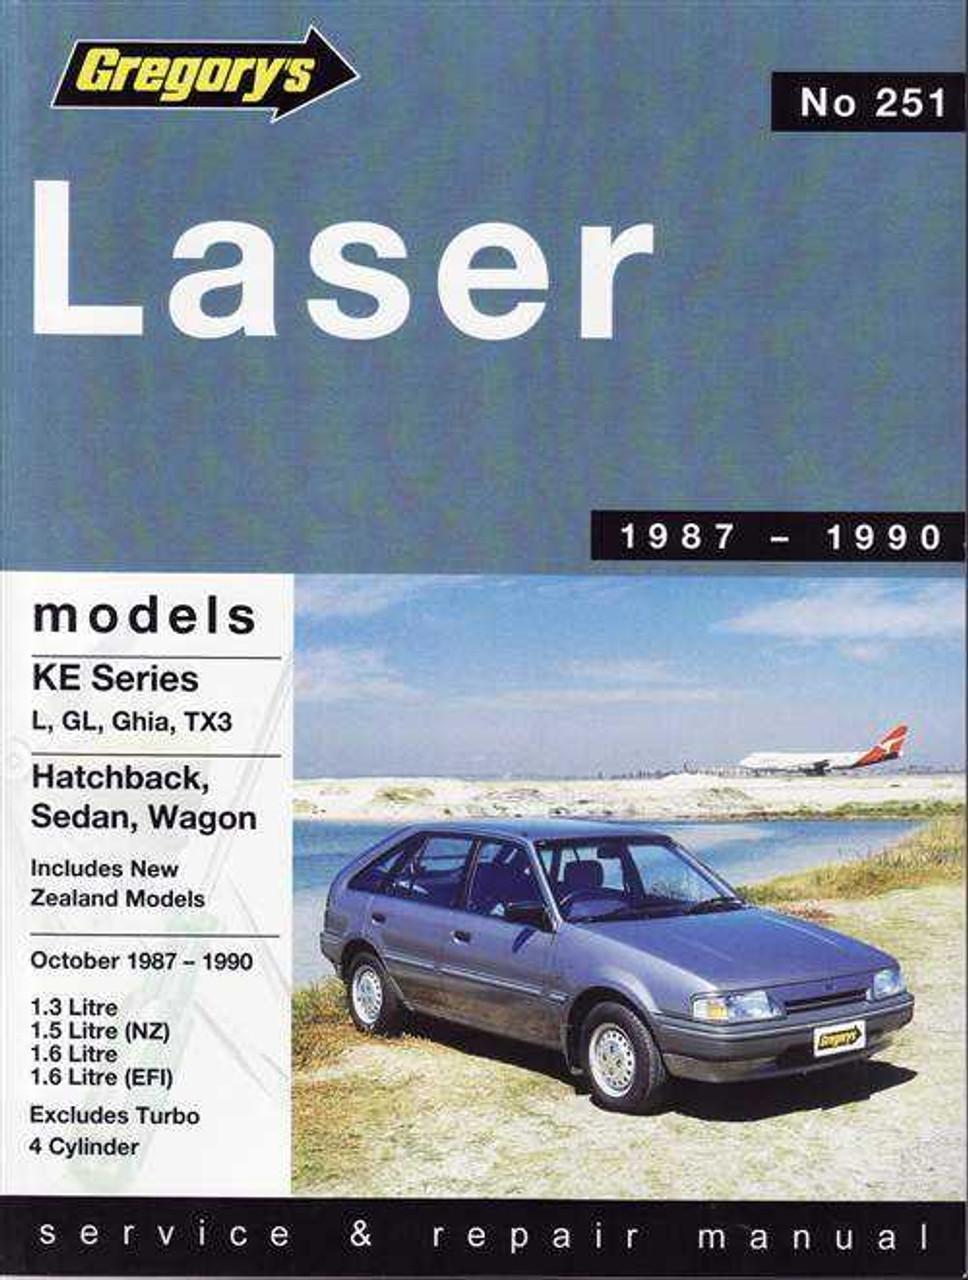 wiring diagram ford laser 1990 [ 968 x 1280 Pixel ]